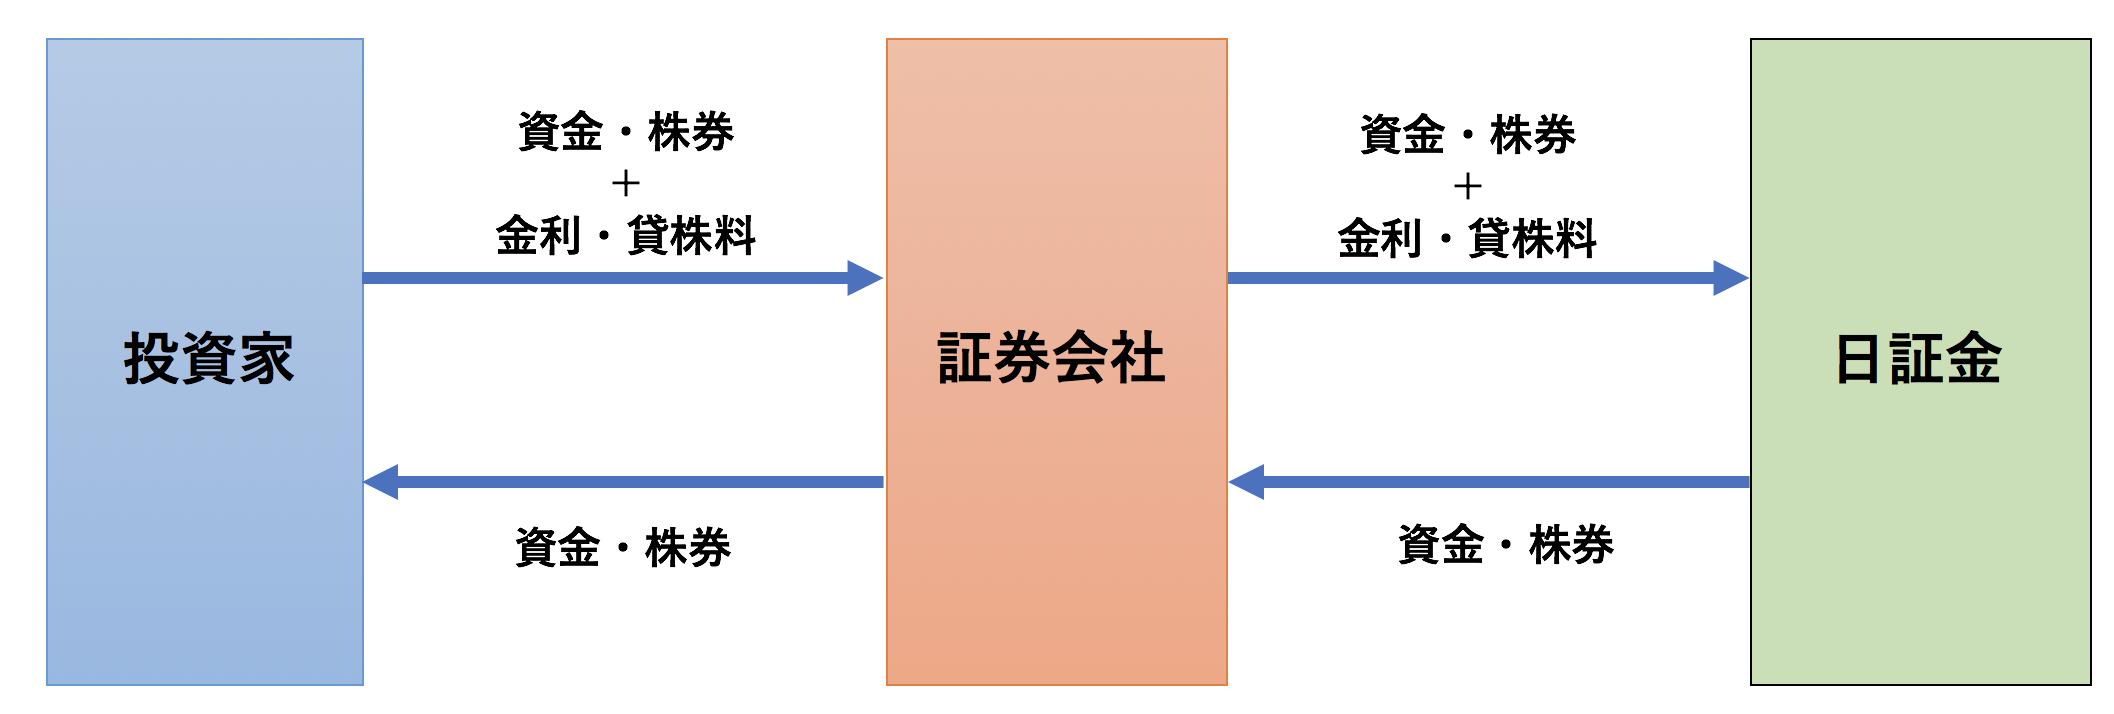 制度信用取引の図解